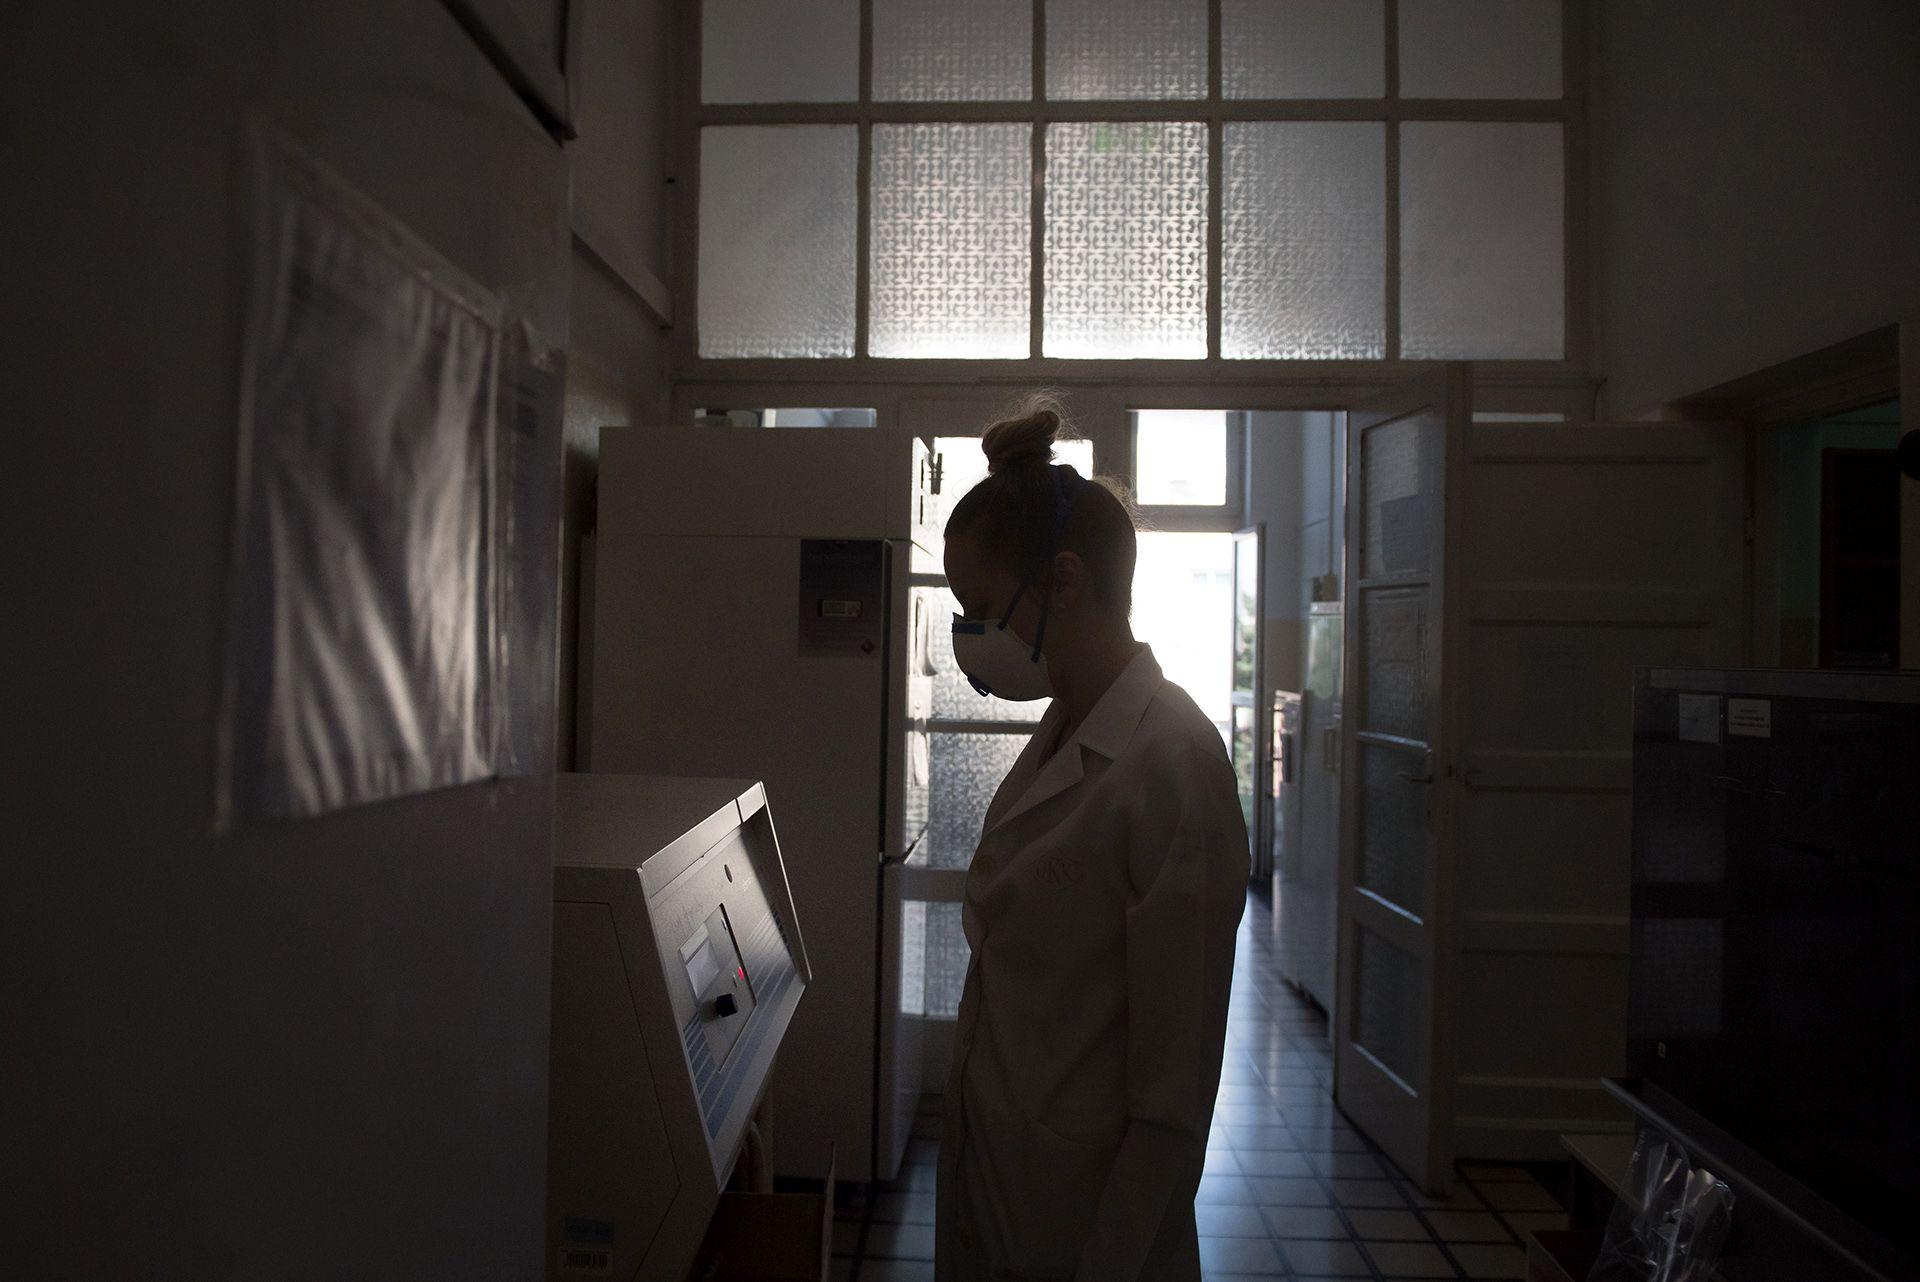 Koronavírus-mintákat tesztelnek az ország legnagyobb, kifejezetten virológiai diagnosztikával foglalkozó laboratóriumában, a Nemzeti Népegészségügyi Központ Virológiai Laboratóriumi Osztályán (fotó: MTI/Koszticsák Szilárd)